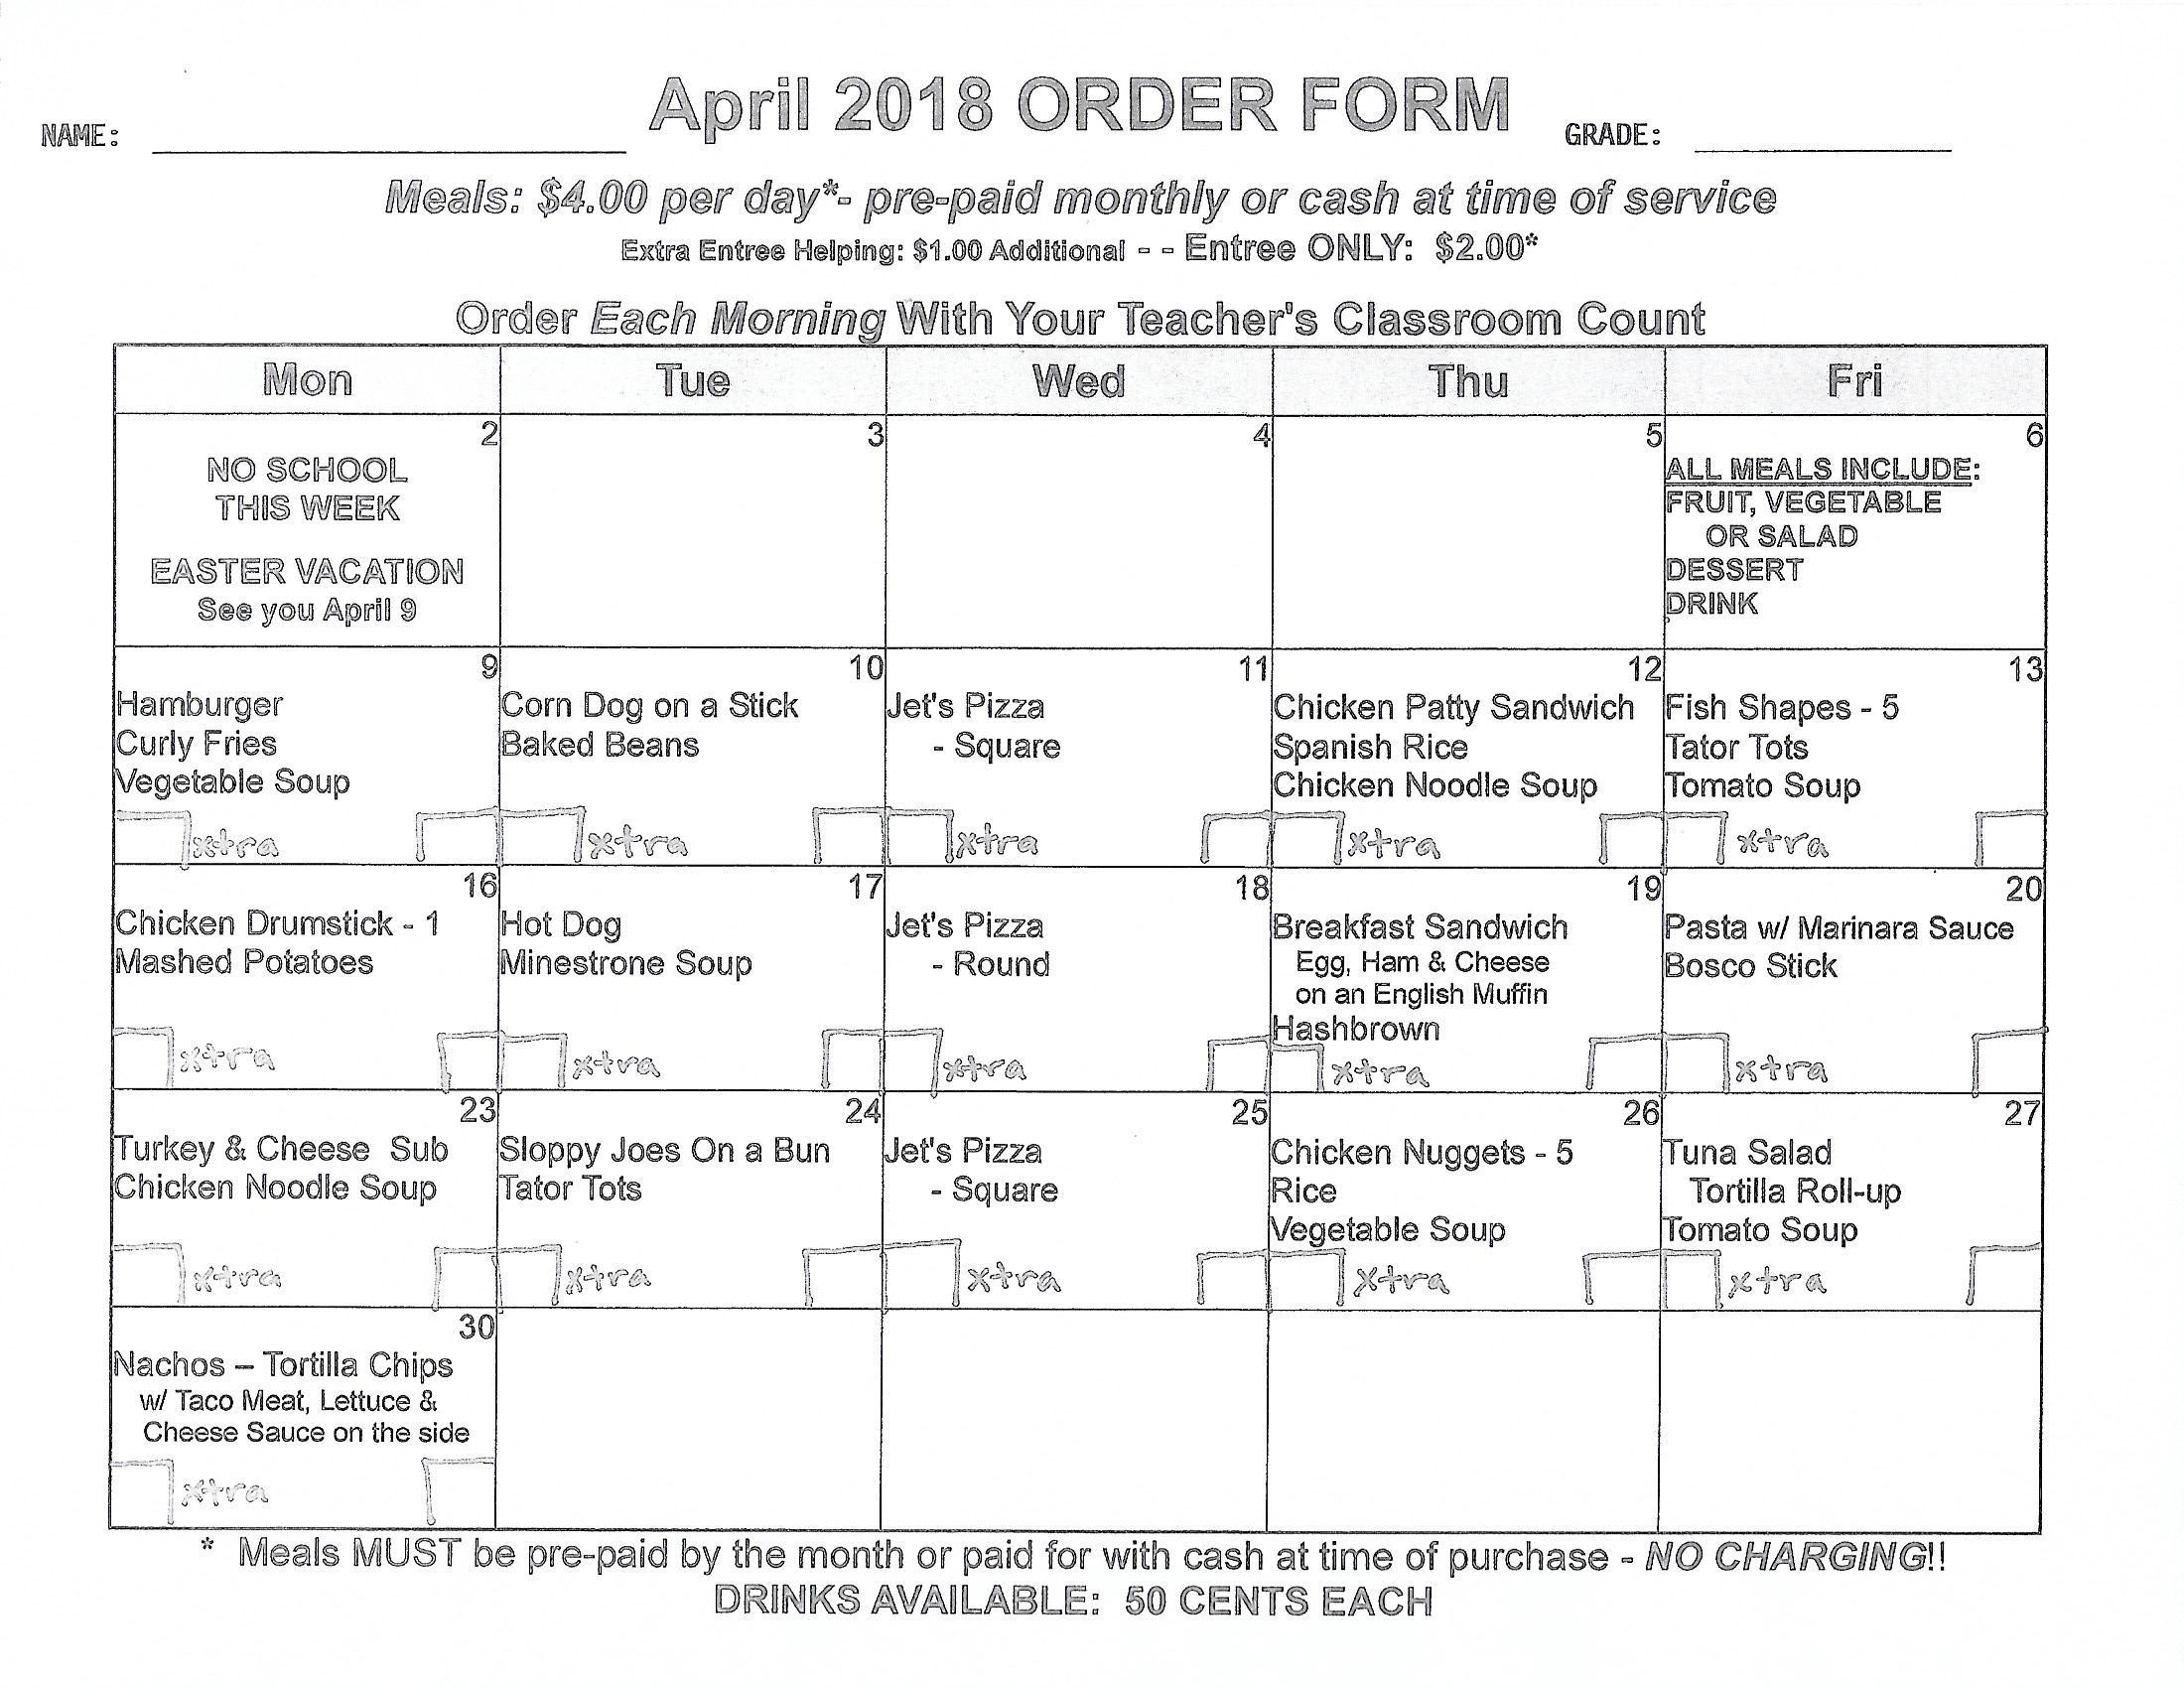 April Lunch Order Form.jpg